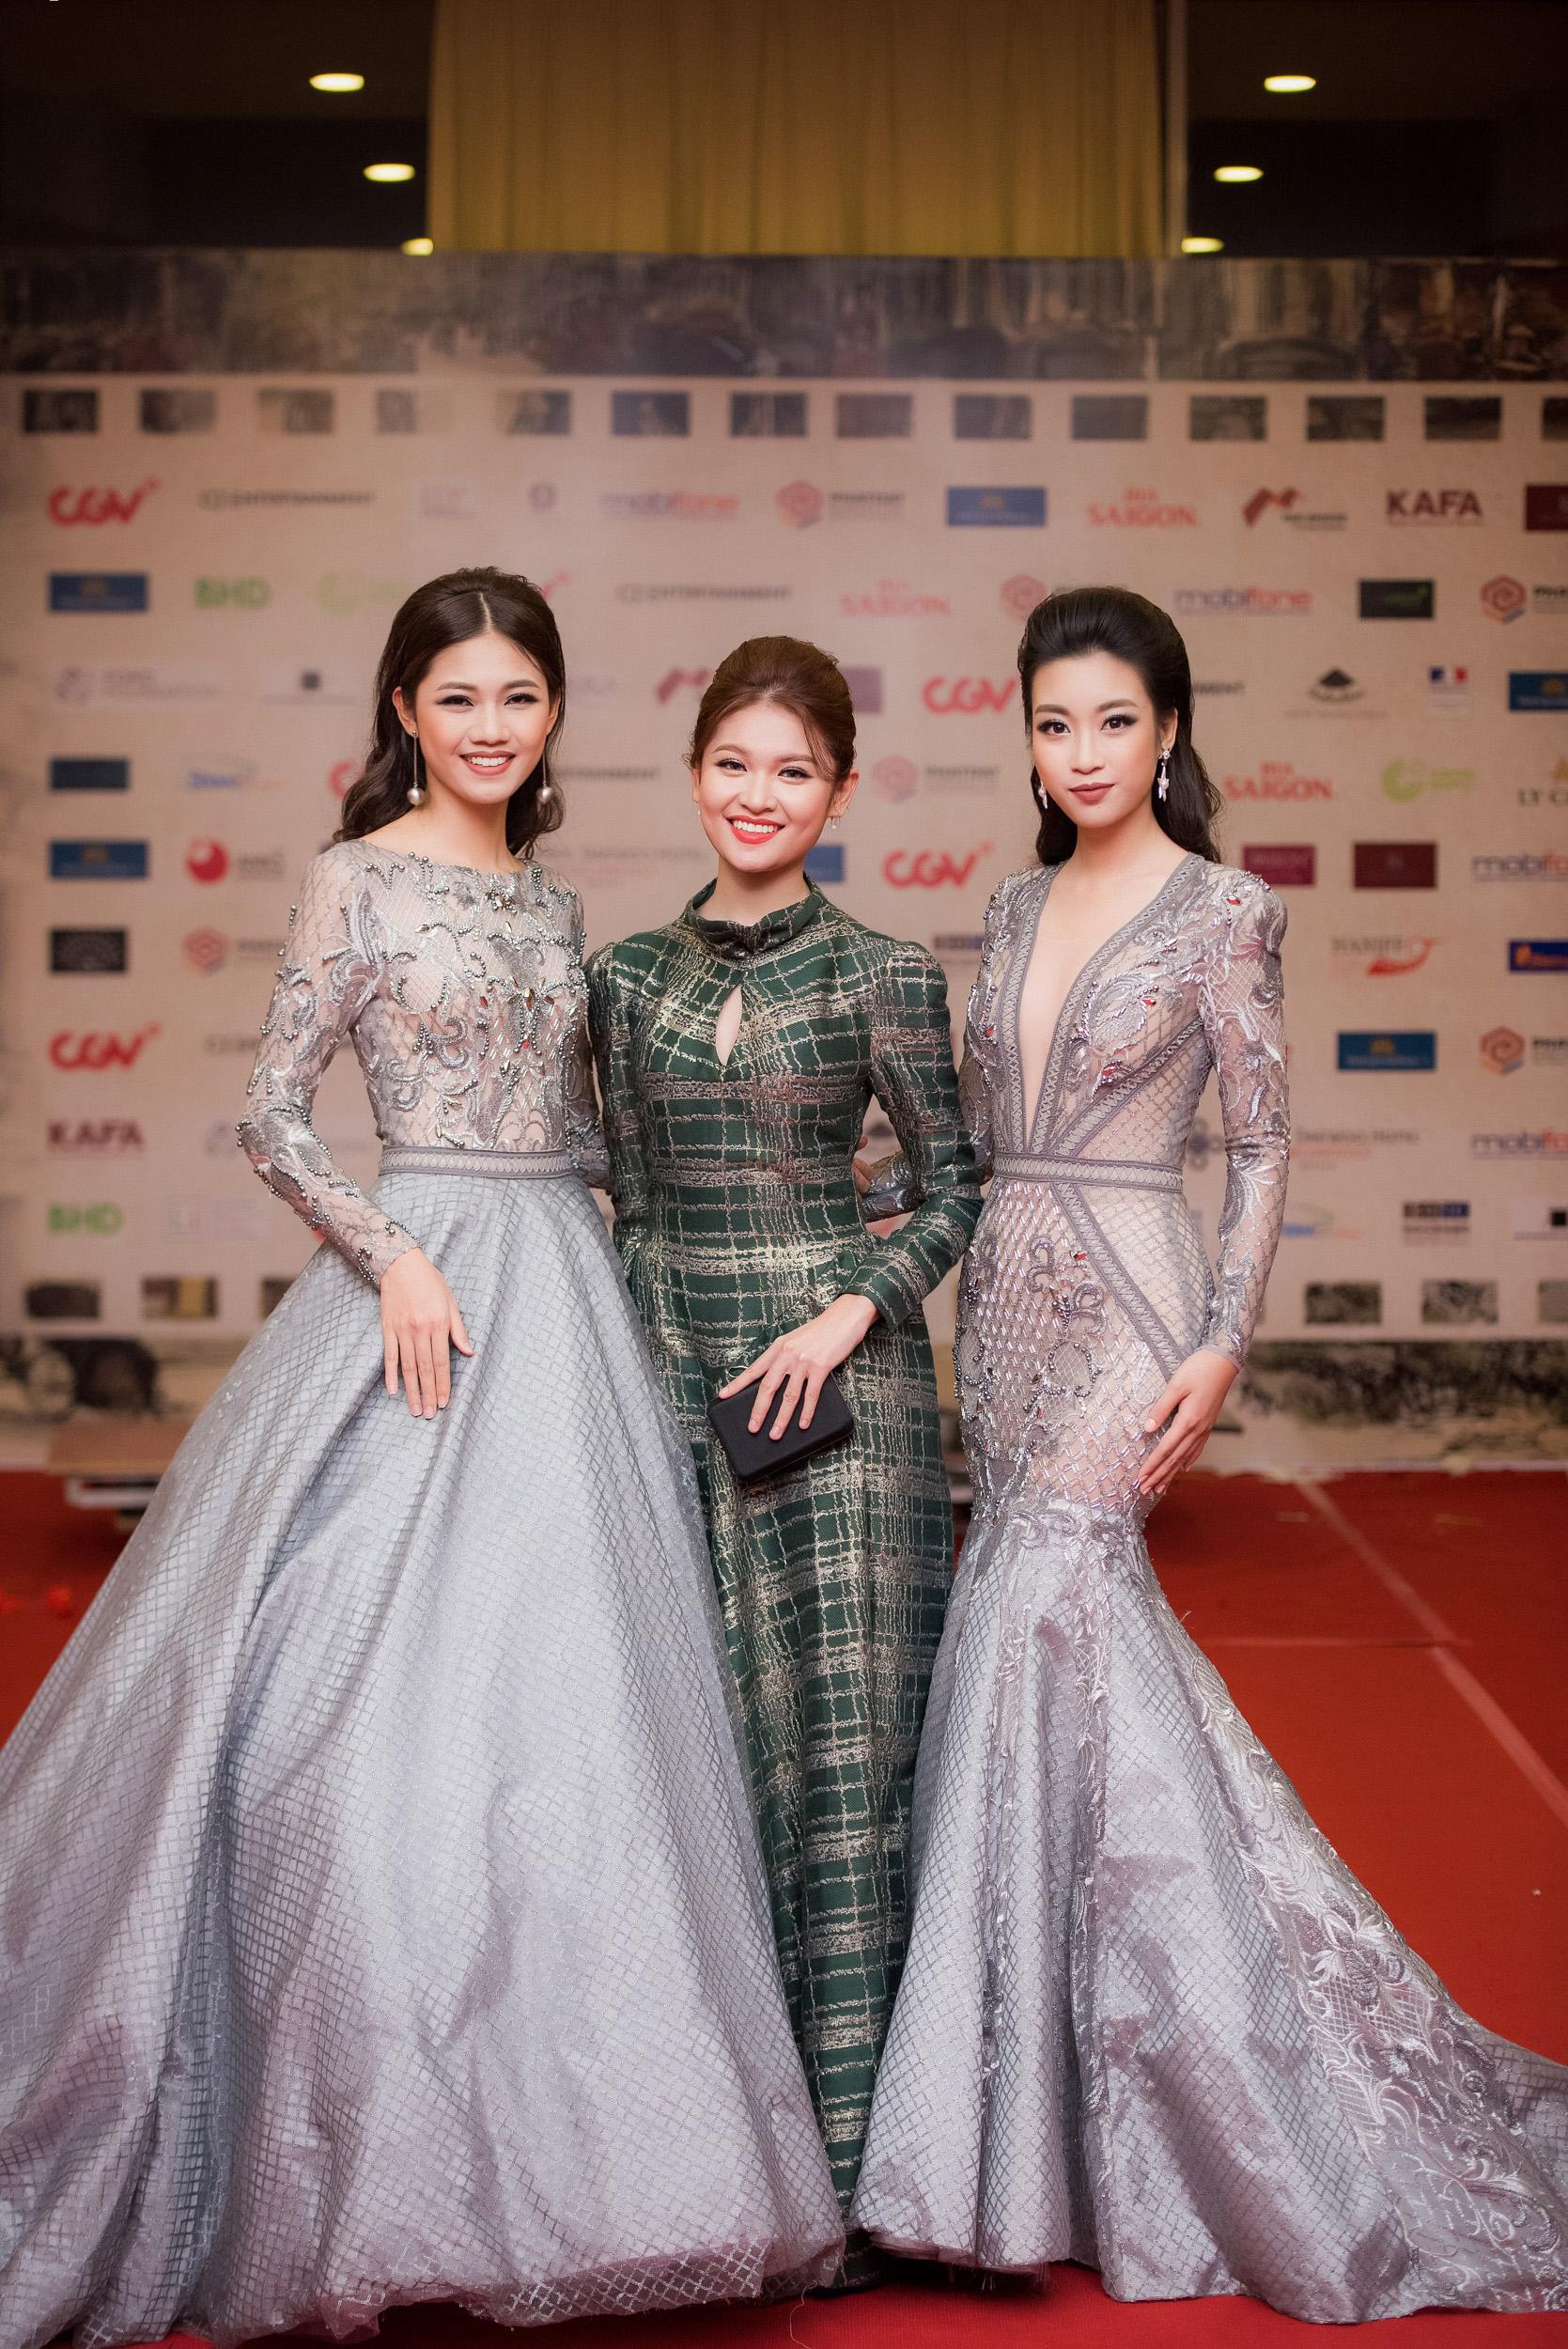 Hoa hậu Mỹ Linh đọ sắc bên Á hậu Thanh Tú trên thảm đỏ 7